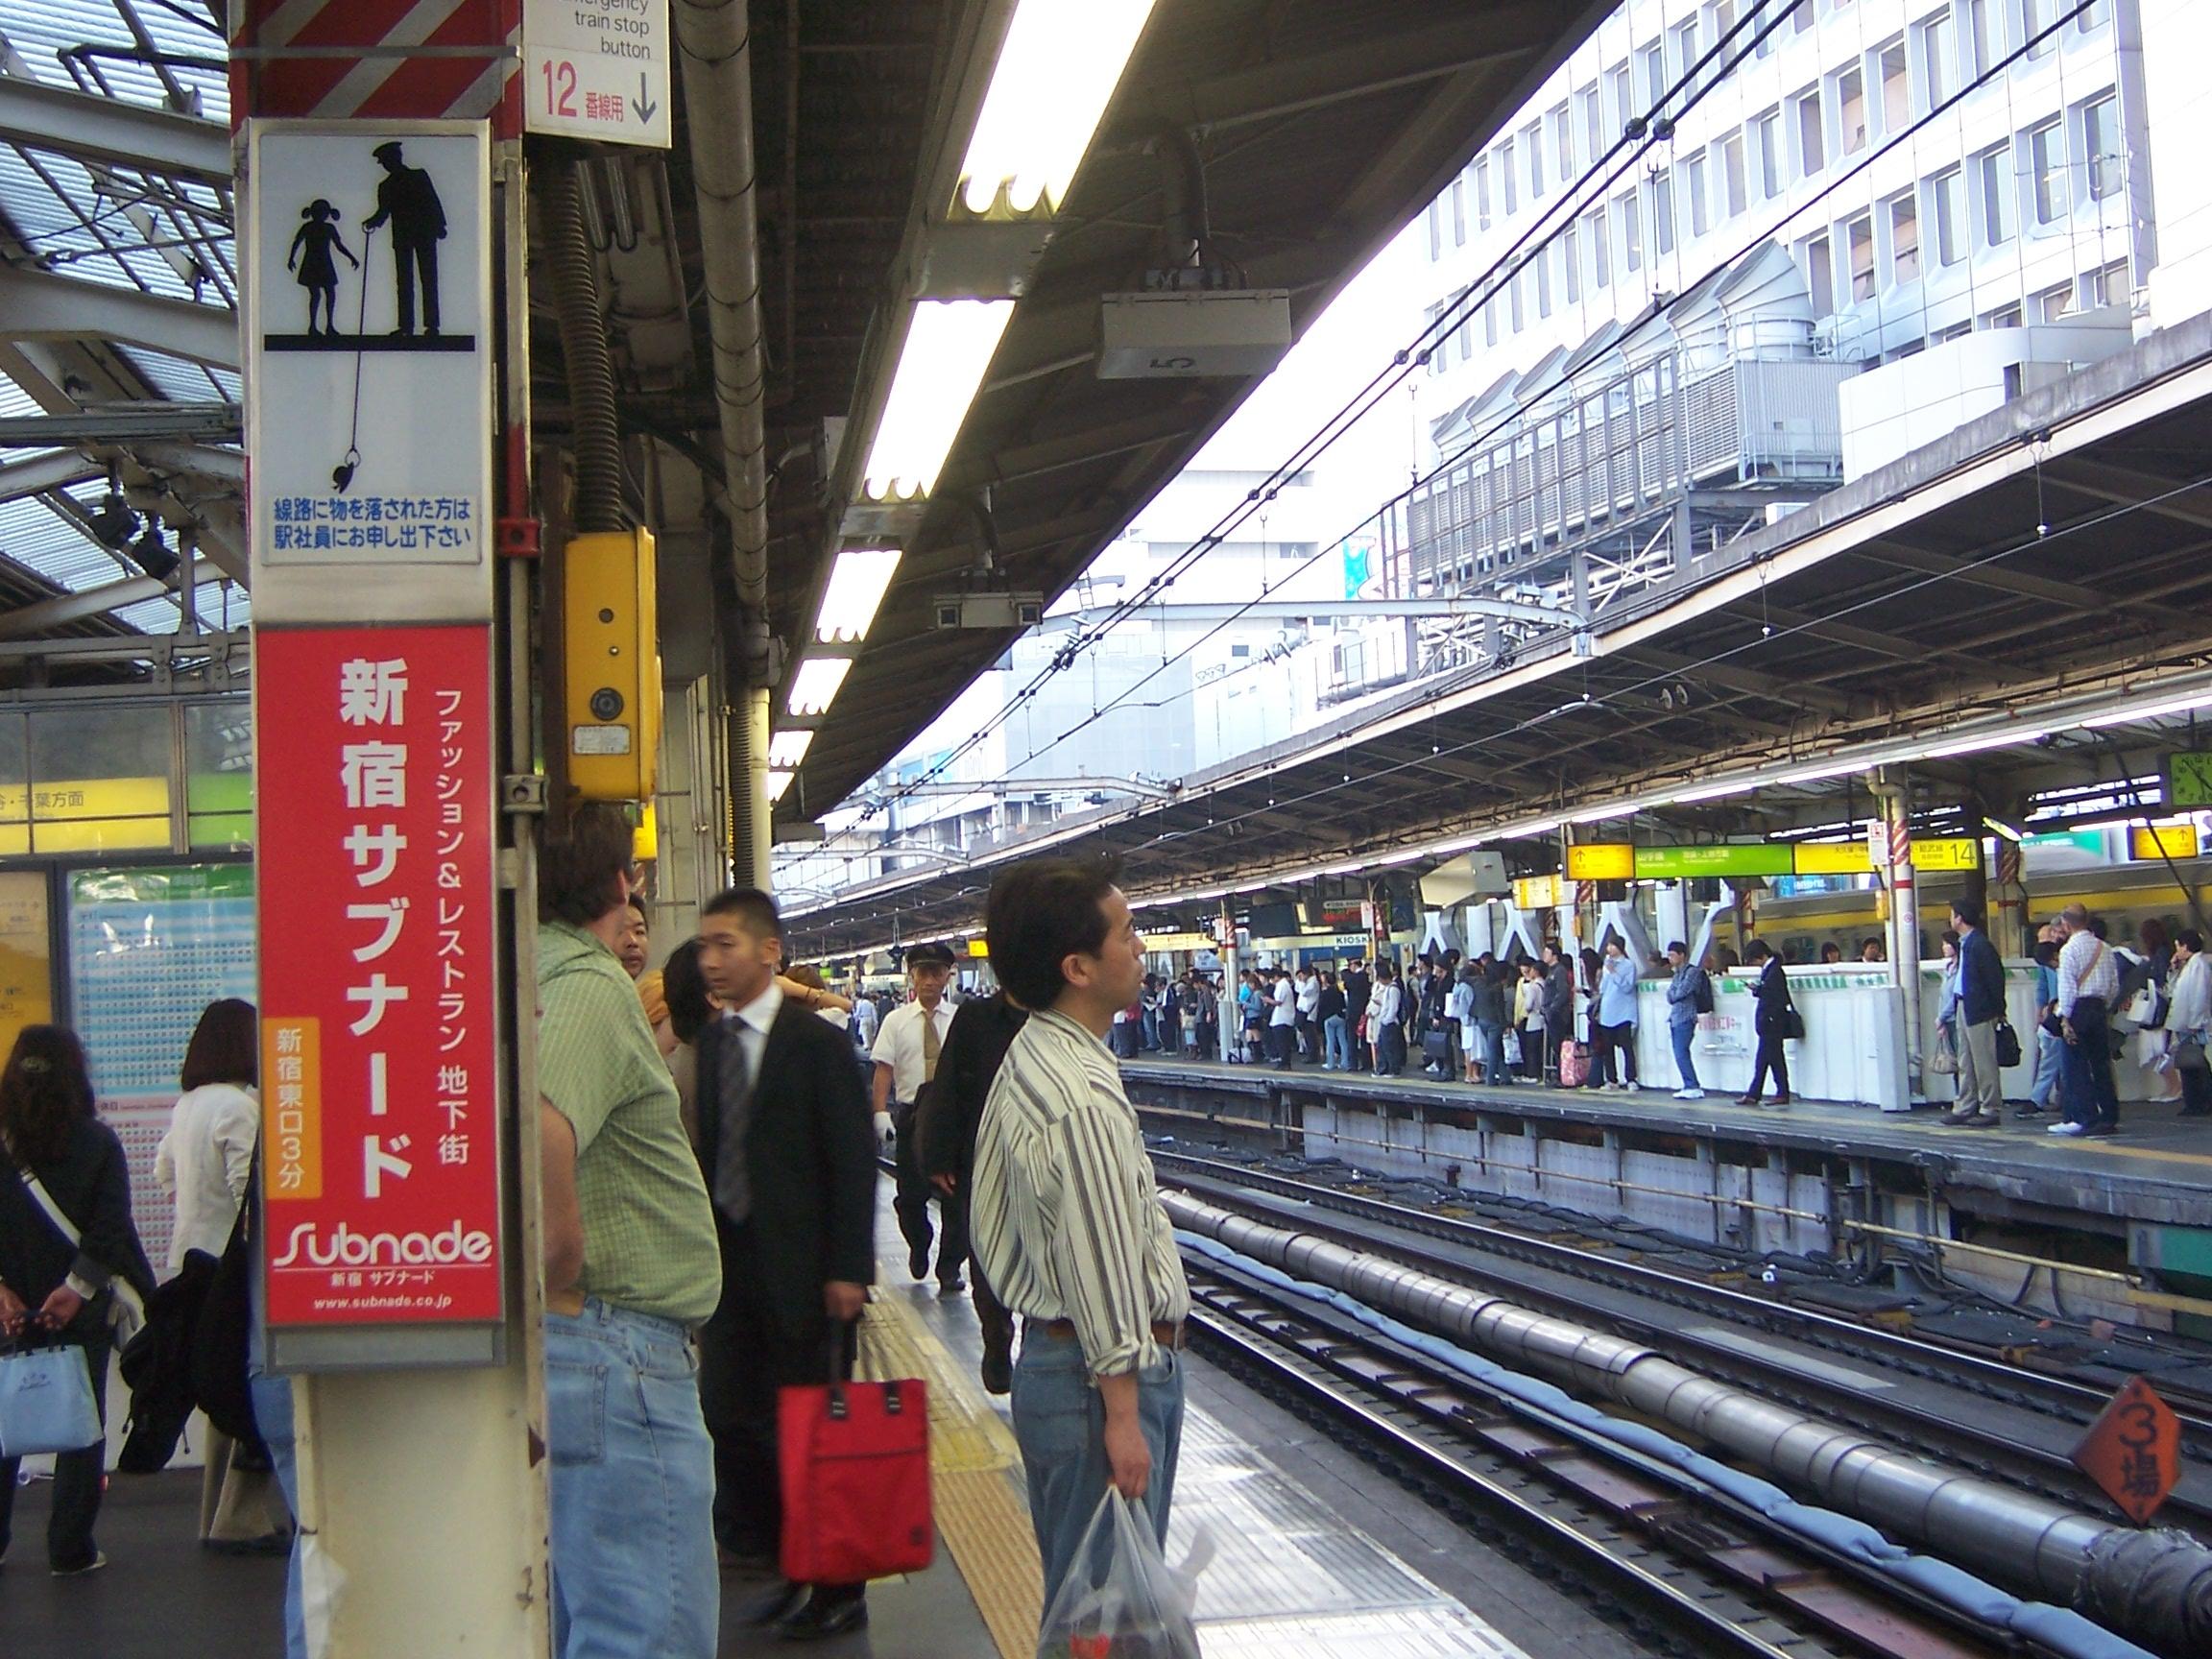 Што японки творят в метро 13 фотография